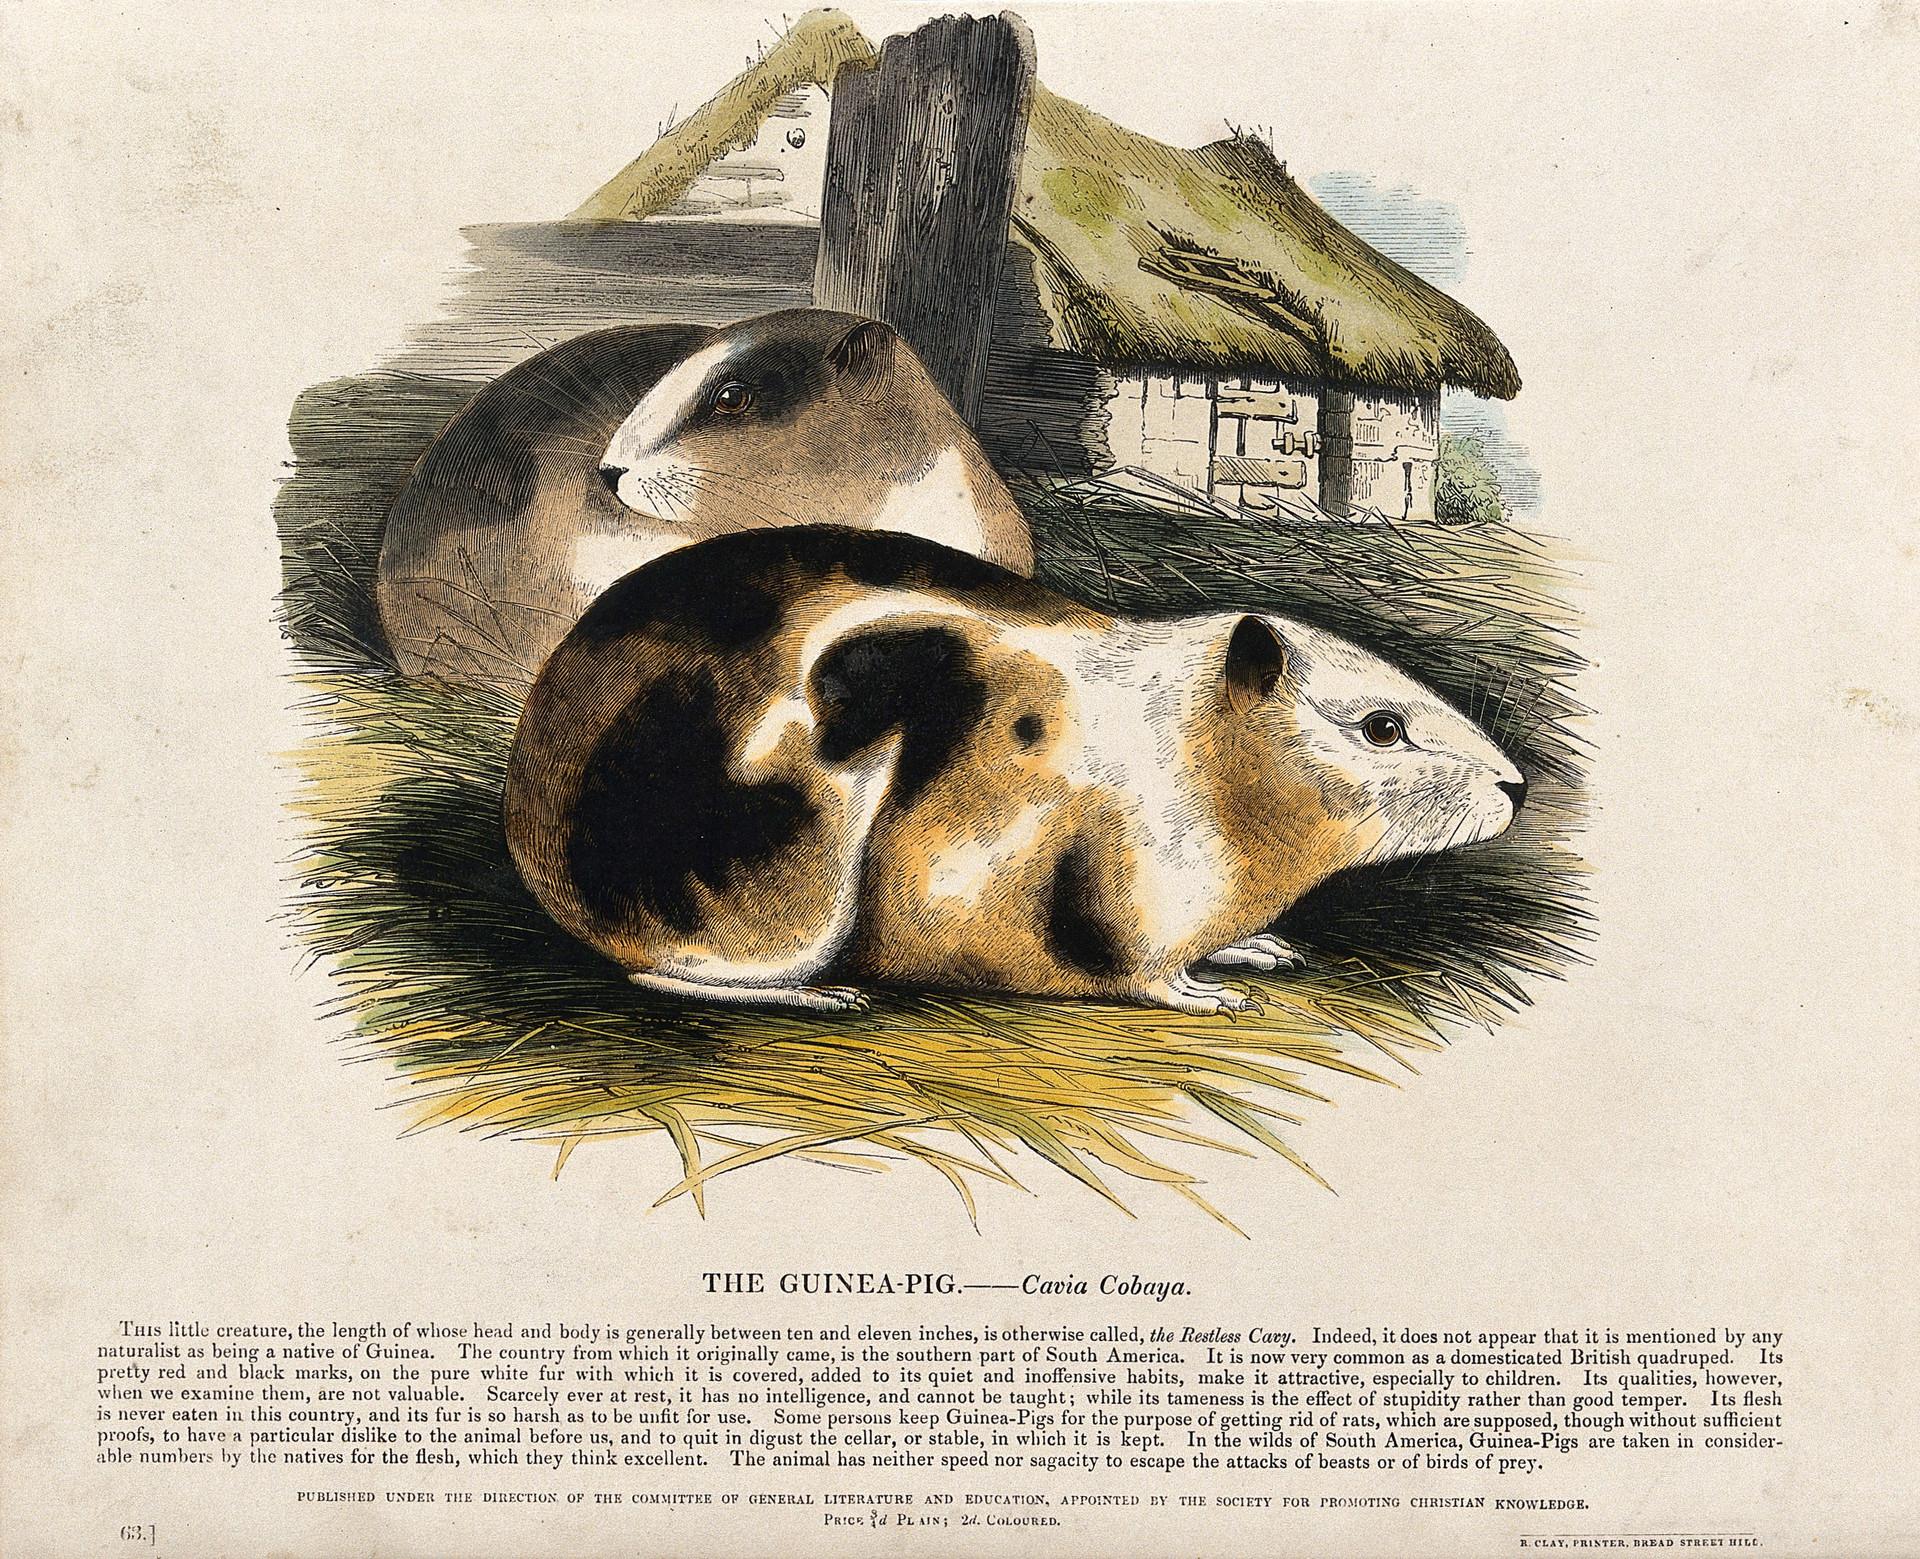 The Guinea PIg - Cavia Cobaye